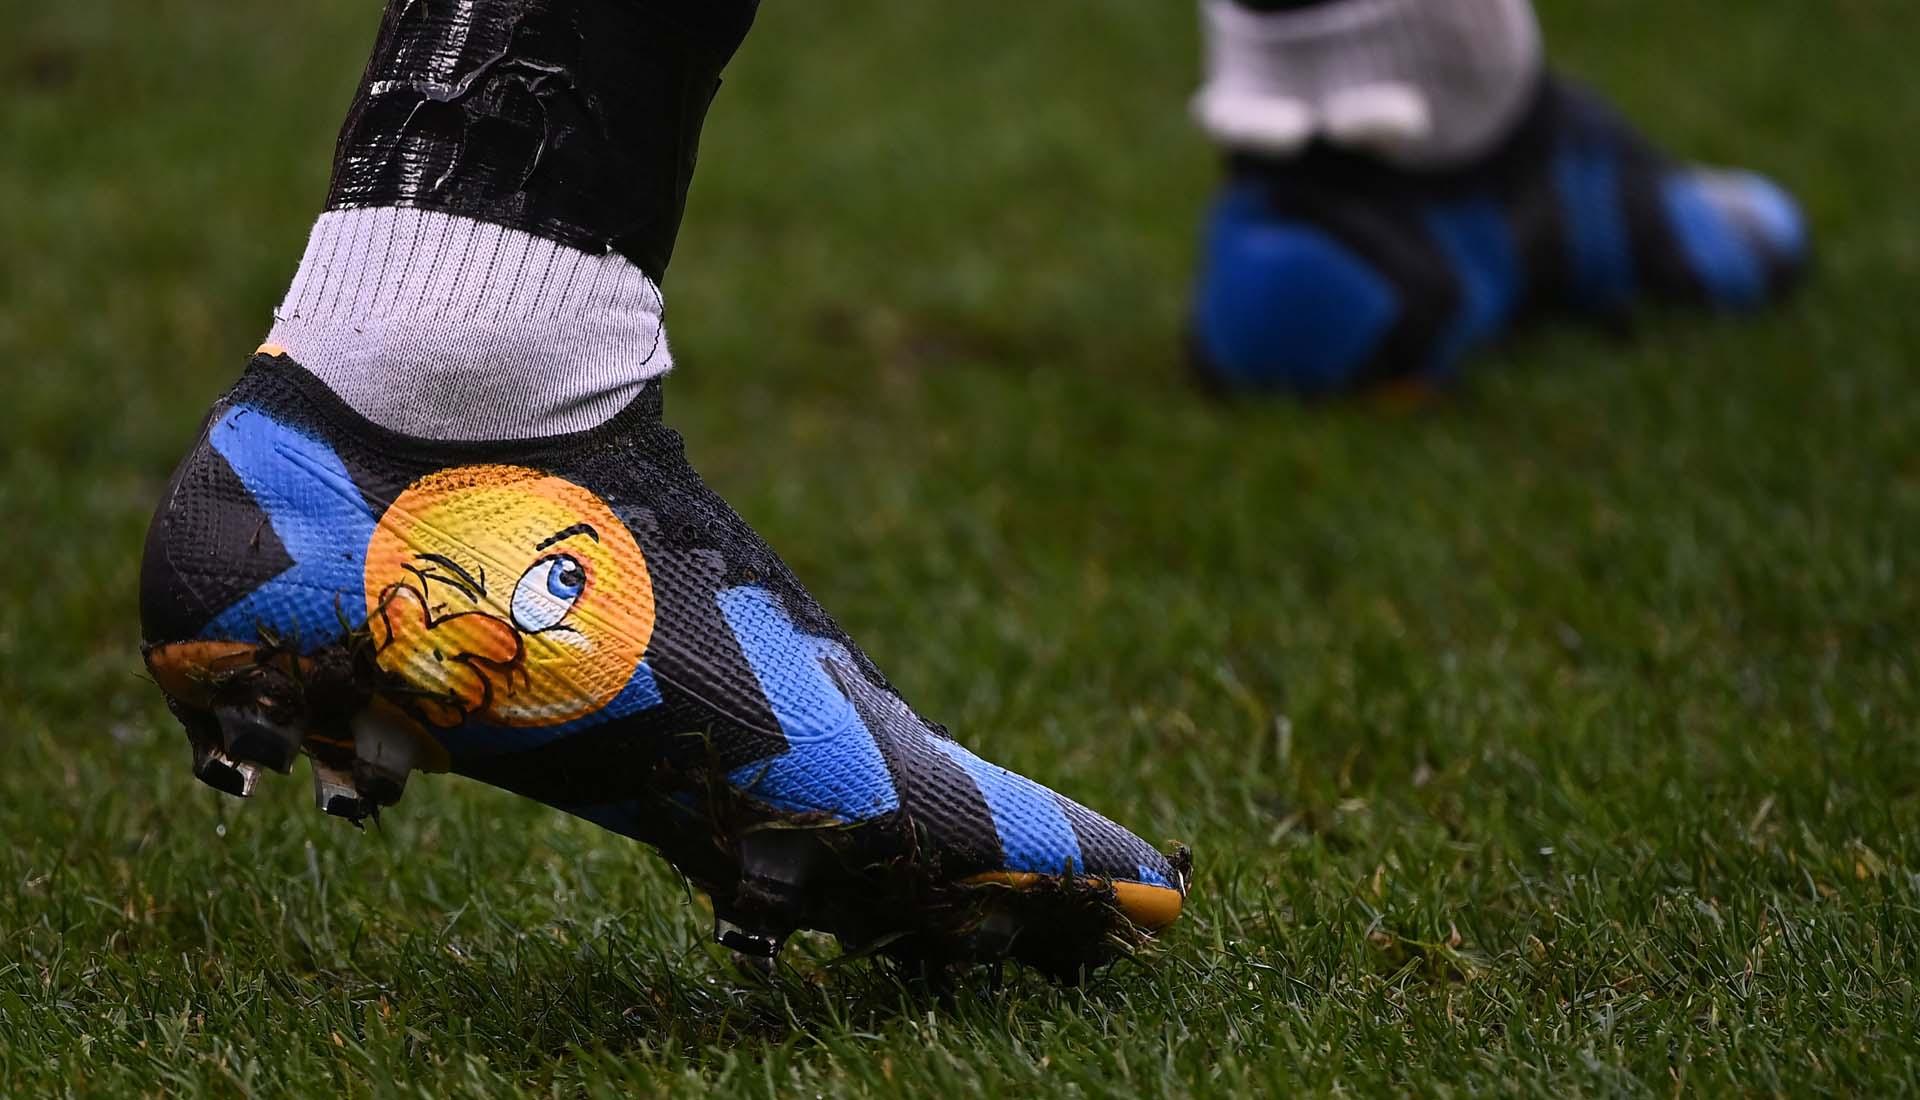 布罗佐维奇上脚涂鸦定制款Mercurial Vapor足球鞋